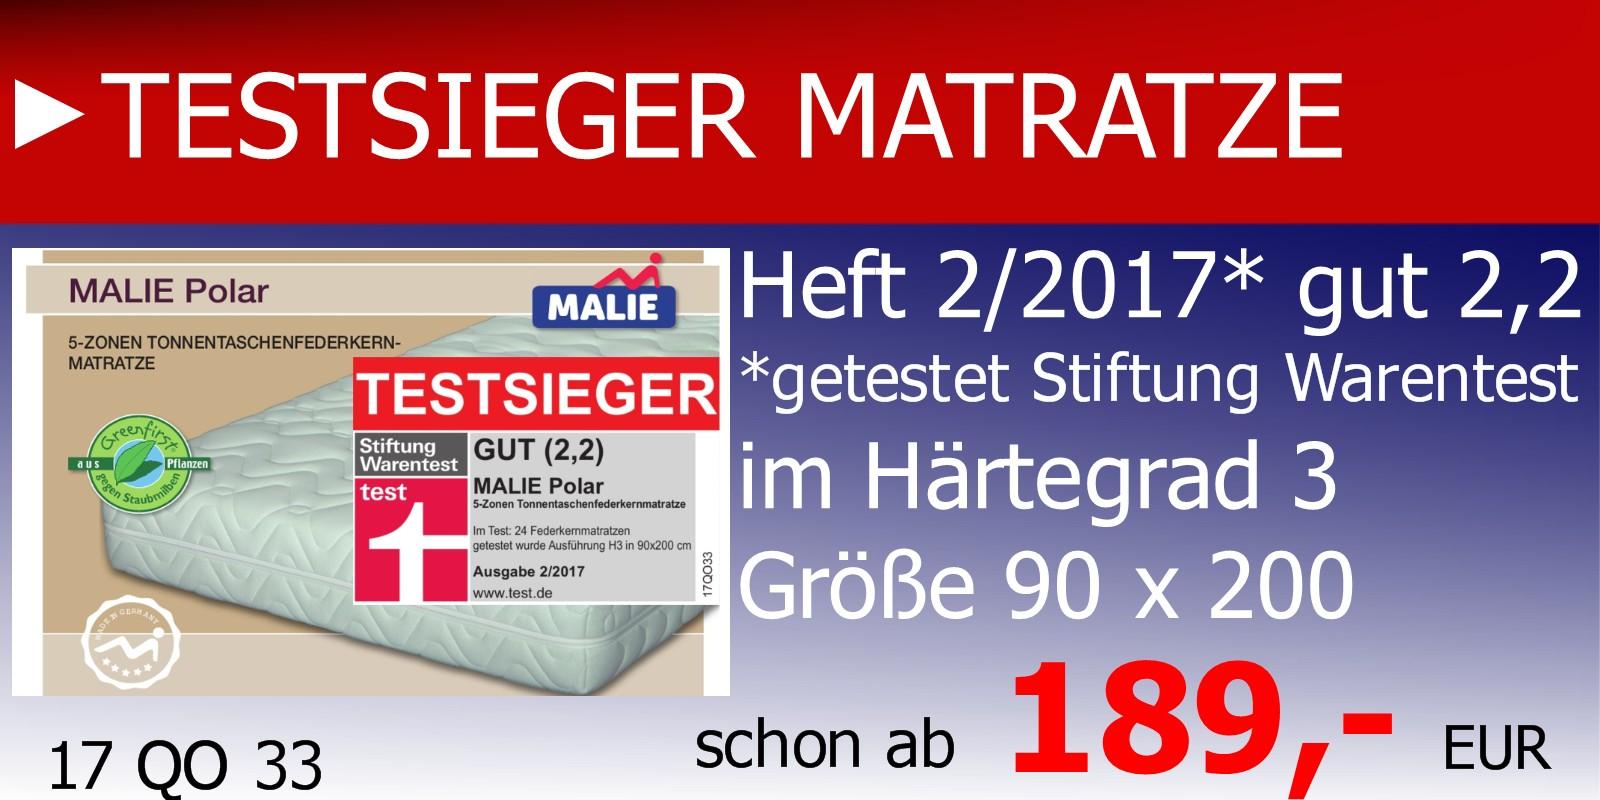 Testsieger-Matratze-Malie-Polar-geteste-Matratze-Malie-Matratzen